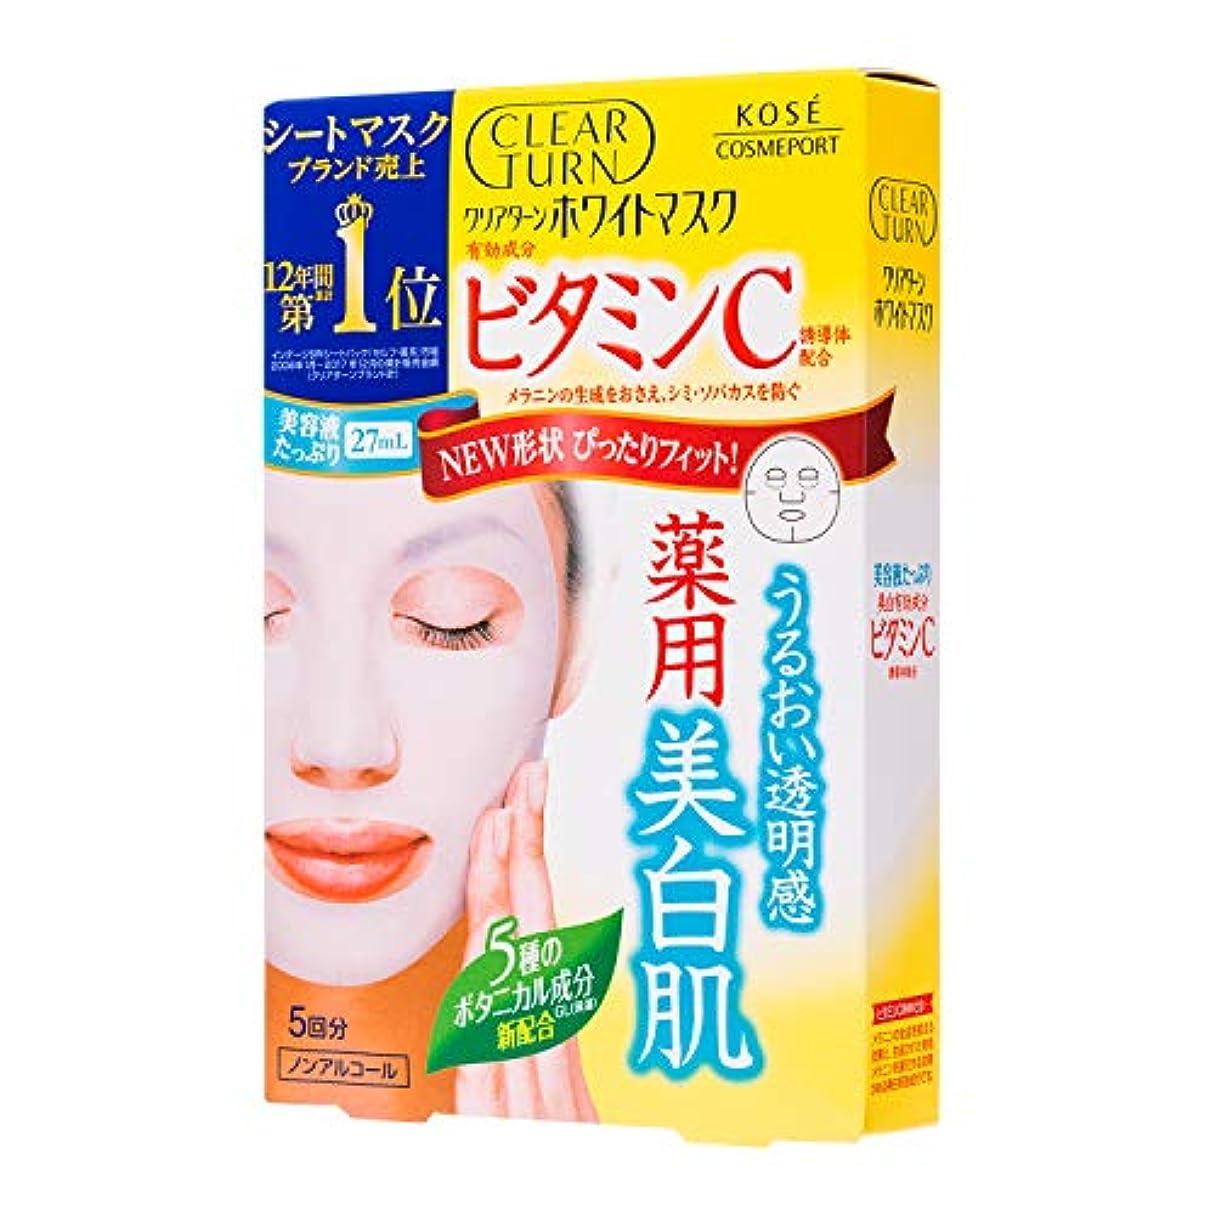 デッドロックベッドを作る周辺KOSE コーセー クリアターン ホワイト マスク VC (ビタミンC) 5枚 フェイスマスク